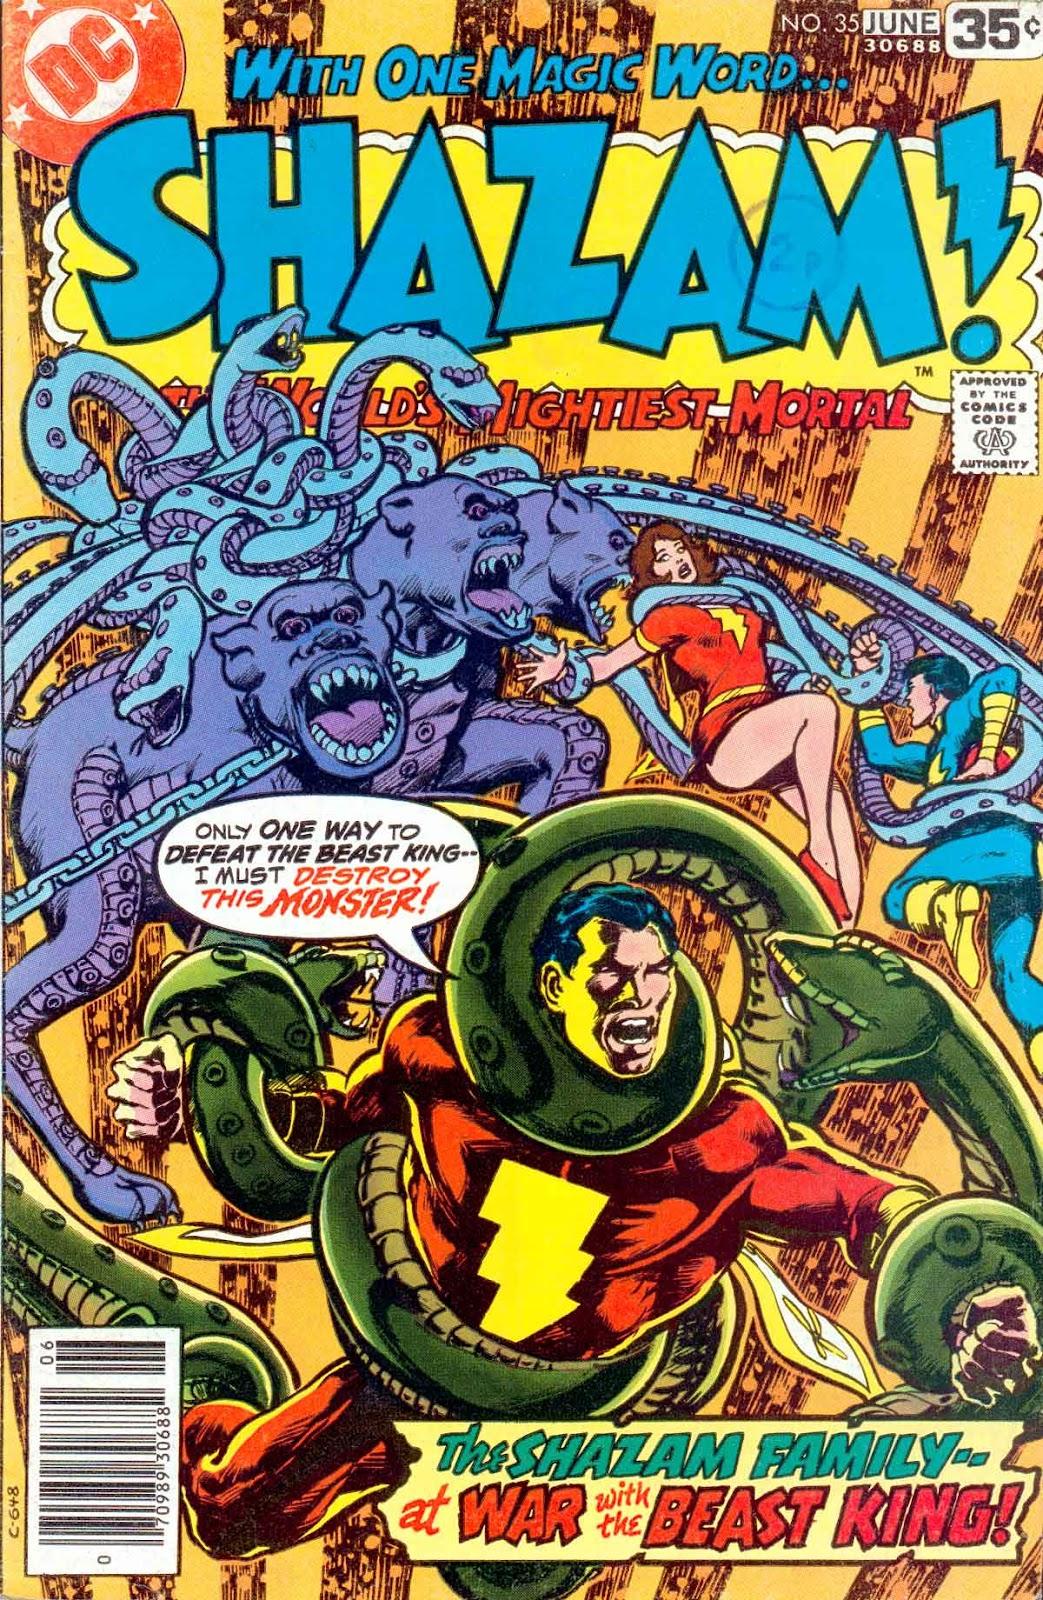 Shazam! (1973) issue 35 - Page 1